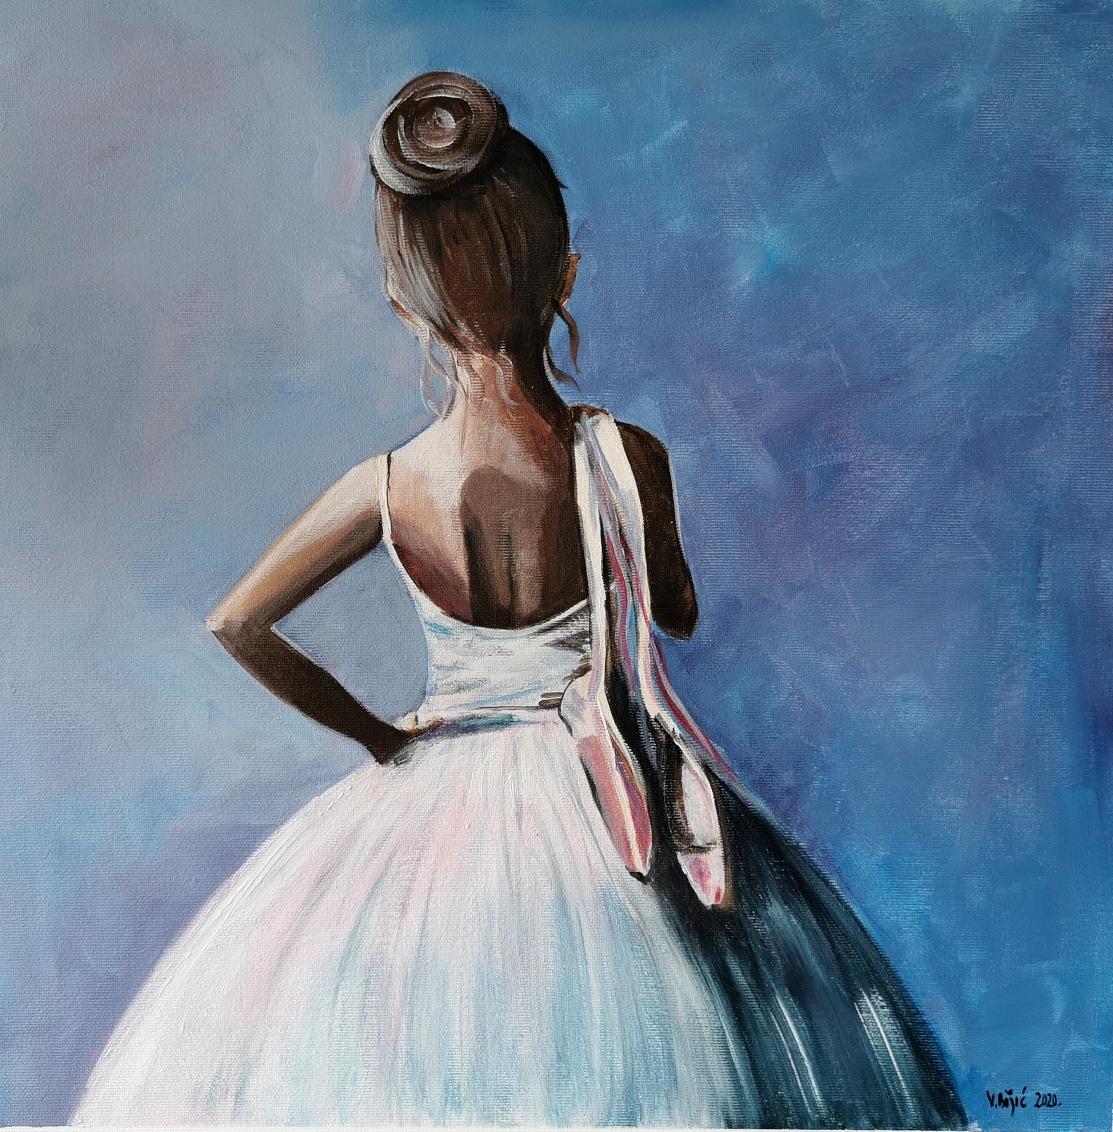 """""""Junior Balerina"""", akril na platnu, 50x50 - jos jedna tipično moja tema, balerina. Oduvijek slikam balerine, Degas mi je naravno uzor, a svaka balerina sama po sebi prikaz ženske ljepote, lakoće pokreta i senzualnosti"""